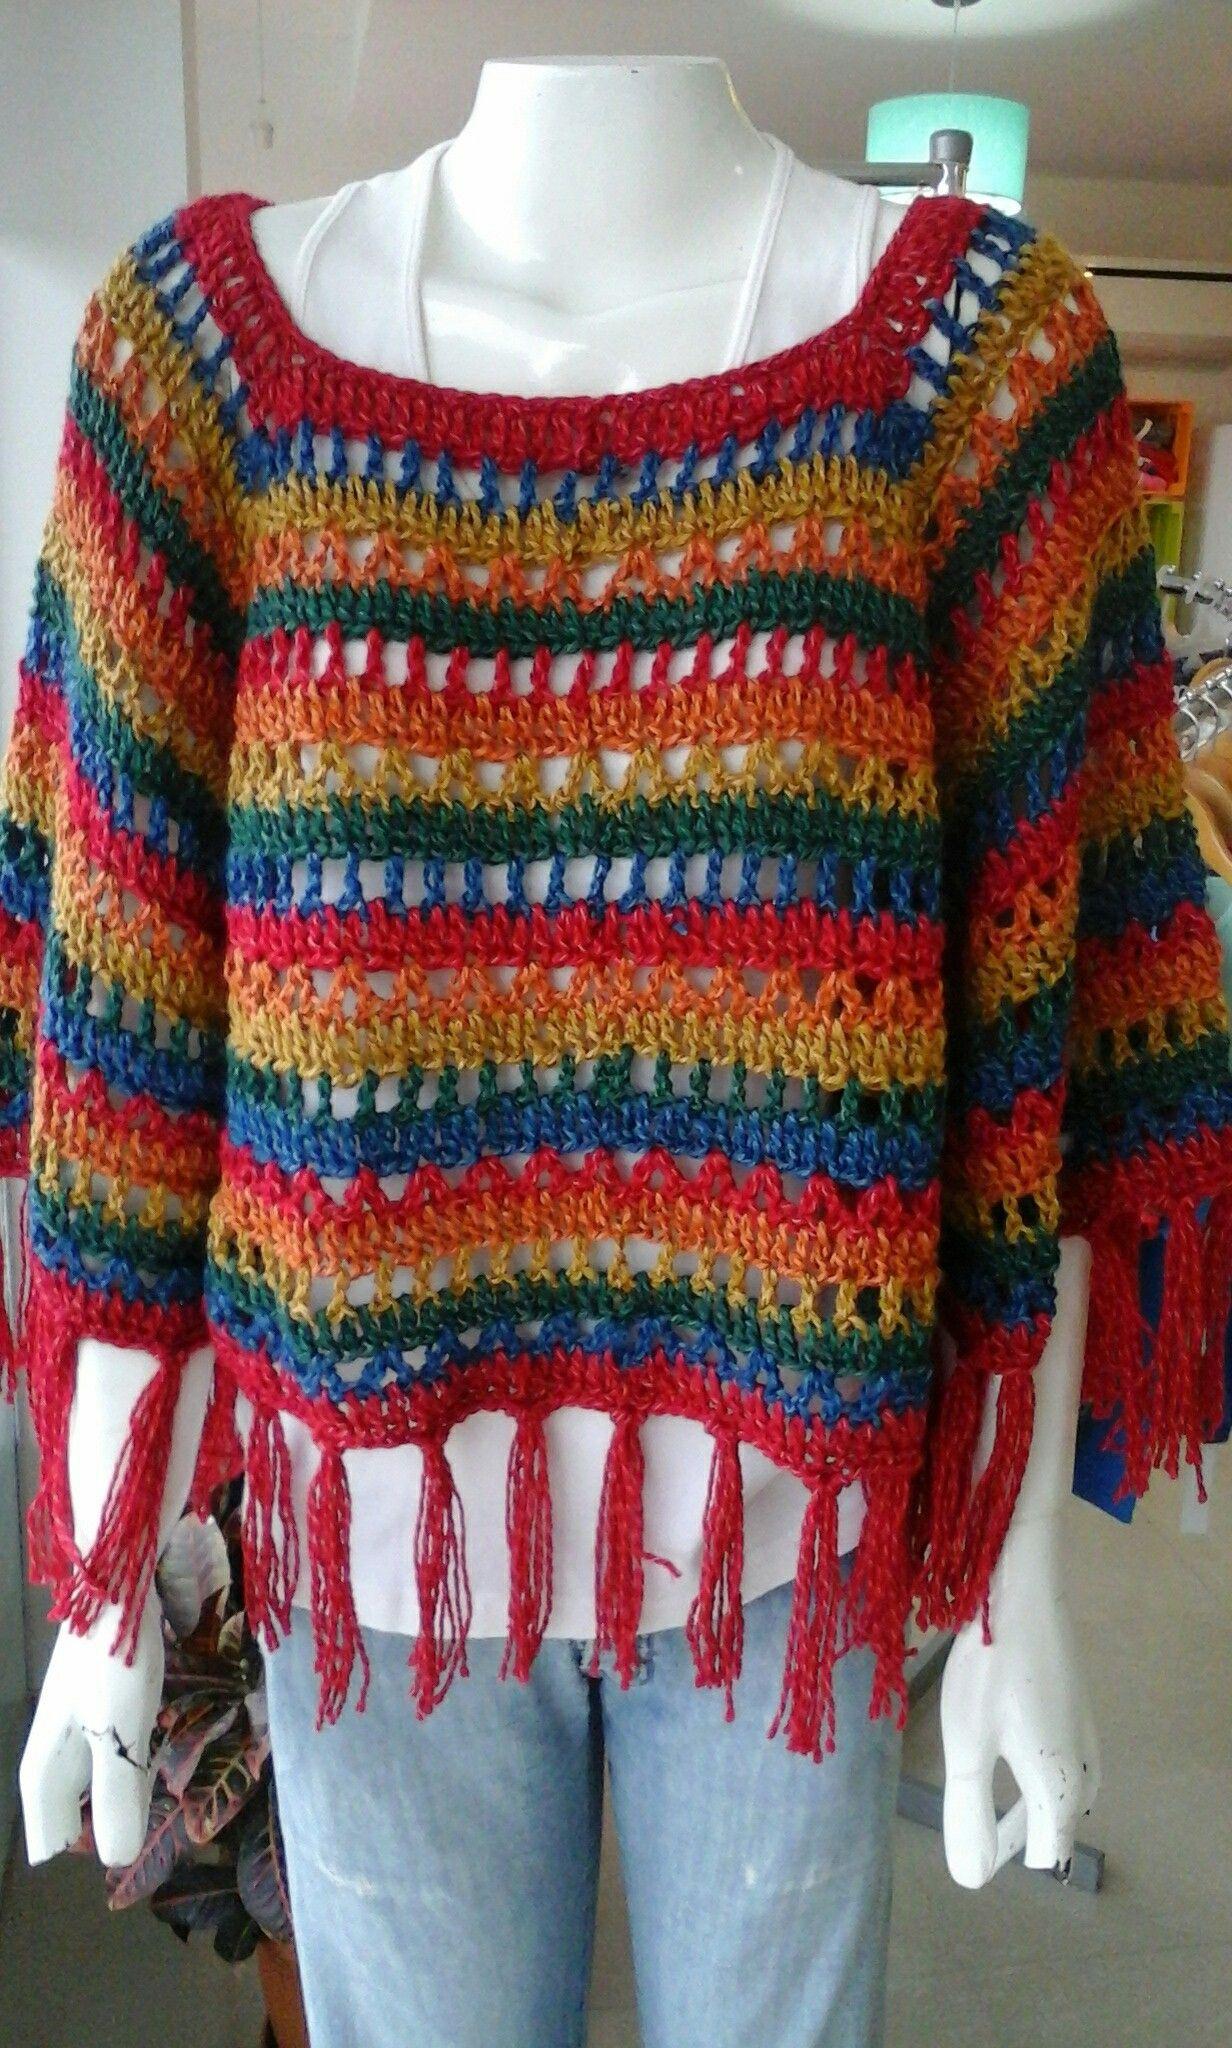 Poncho Con Mangas Tejido A Crochet X Silvana Gloria Tejidos Poncho Con Mangas Chaqueta De Ganchillo Ganchillo Ropa